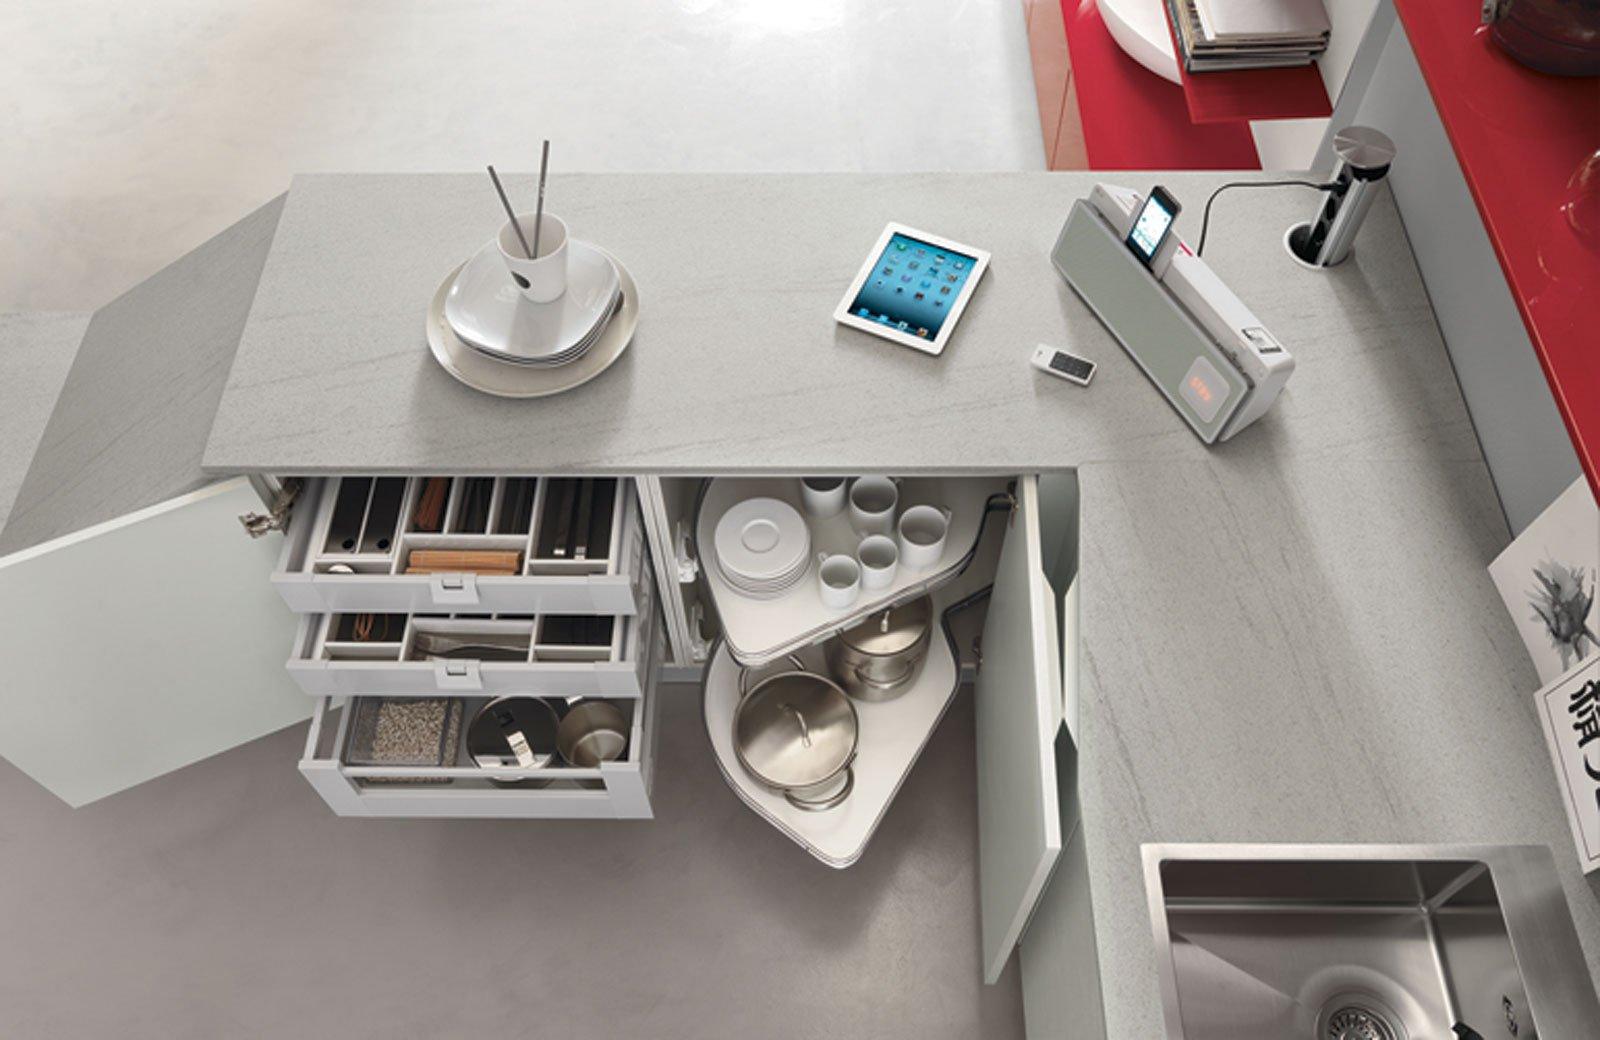 Cucina la comodit dipende anche dall 39 interno cose di casa for Disegni della cucina con a piedi in dispensa